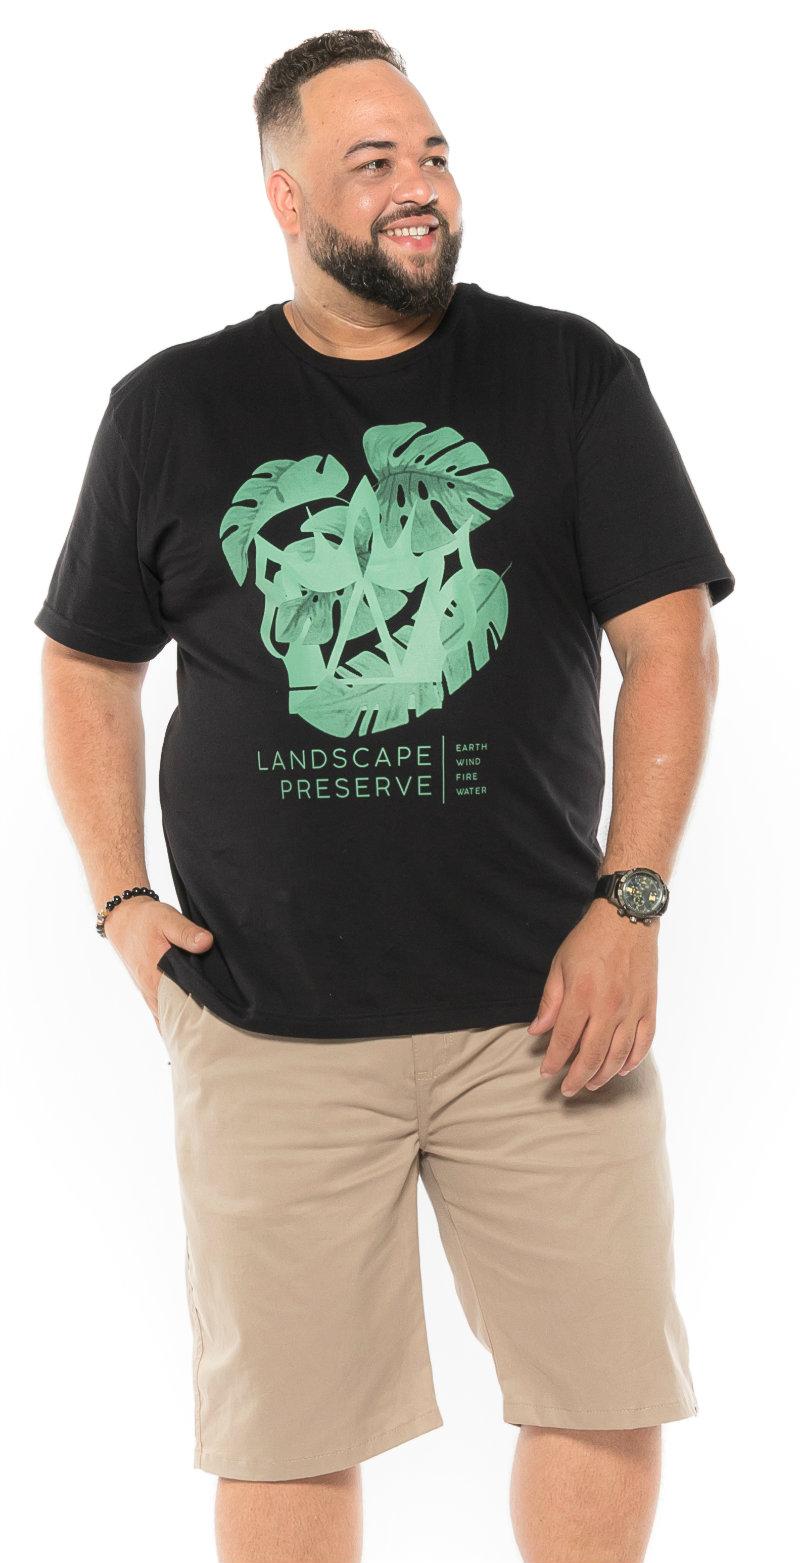 Camiseta plus size estampa Land Preta